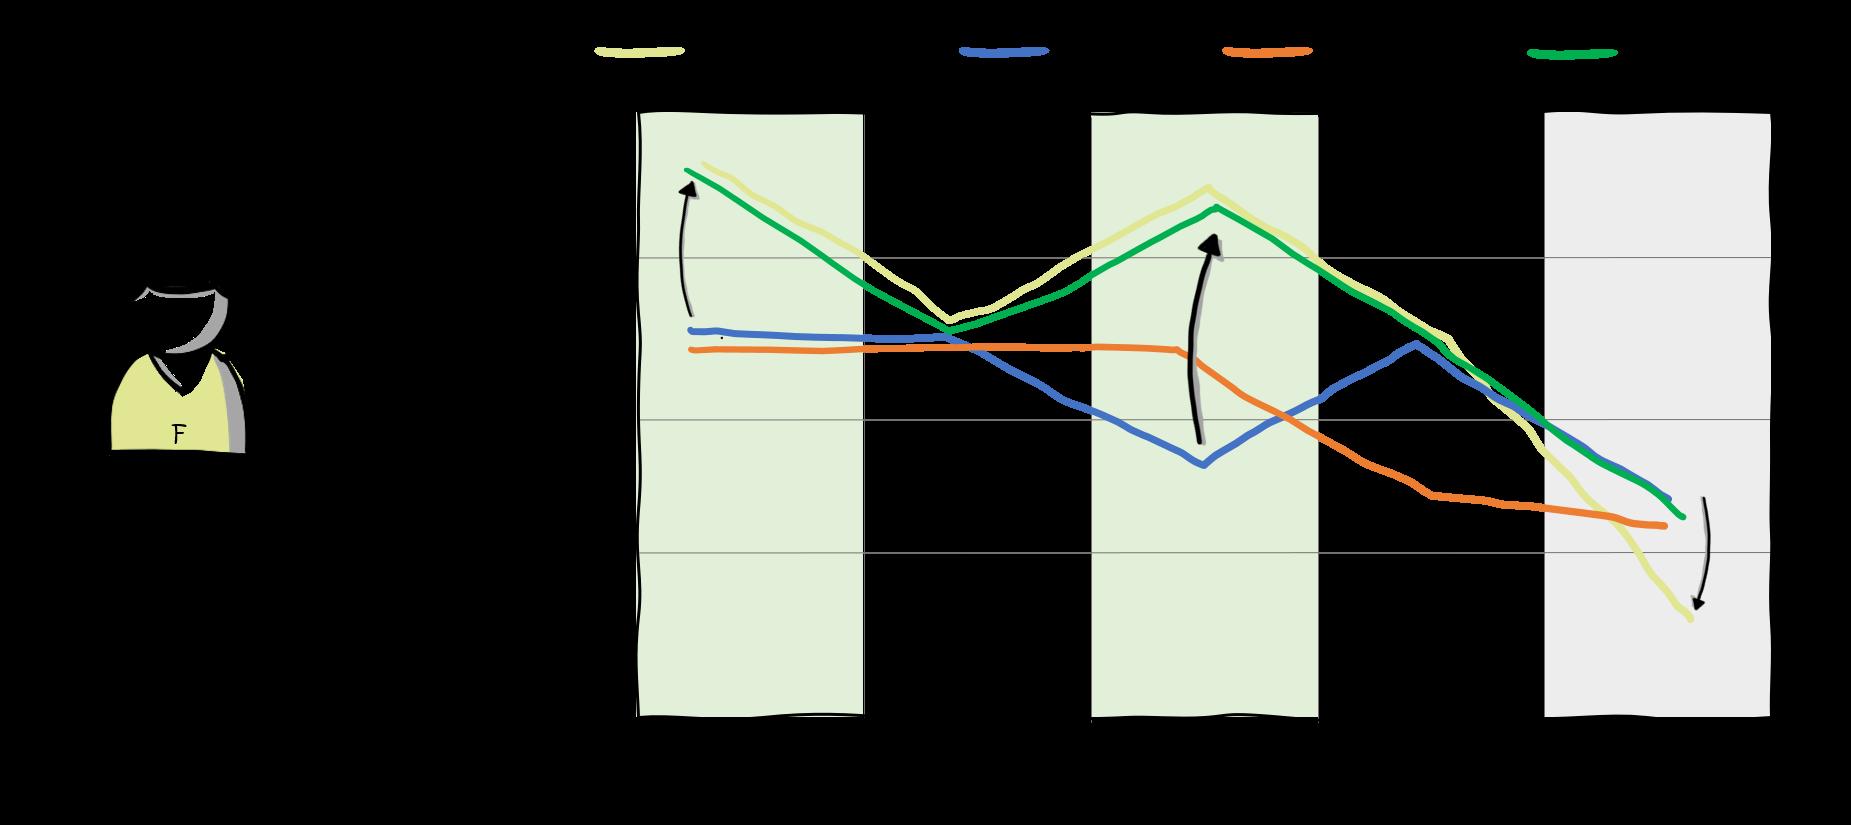 Modularisierung-Kundennutzen-Zukunft